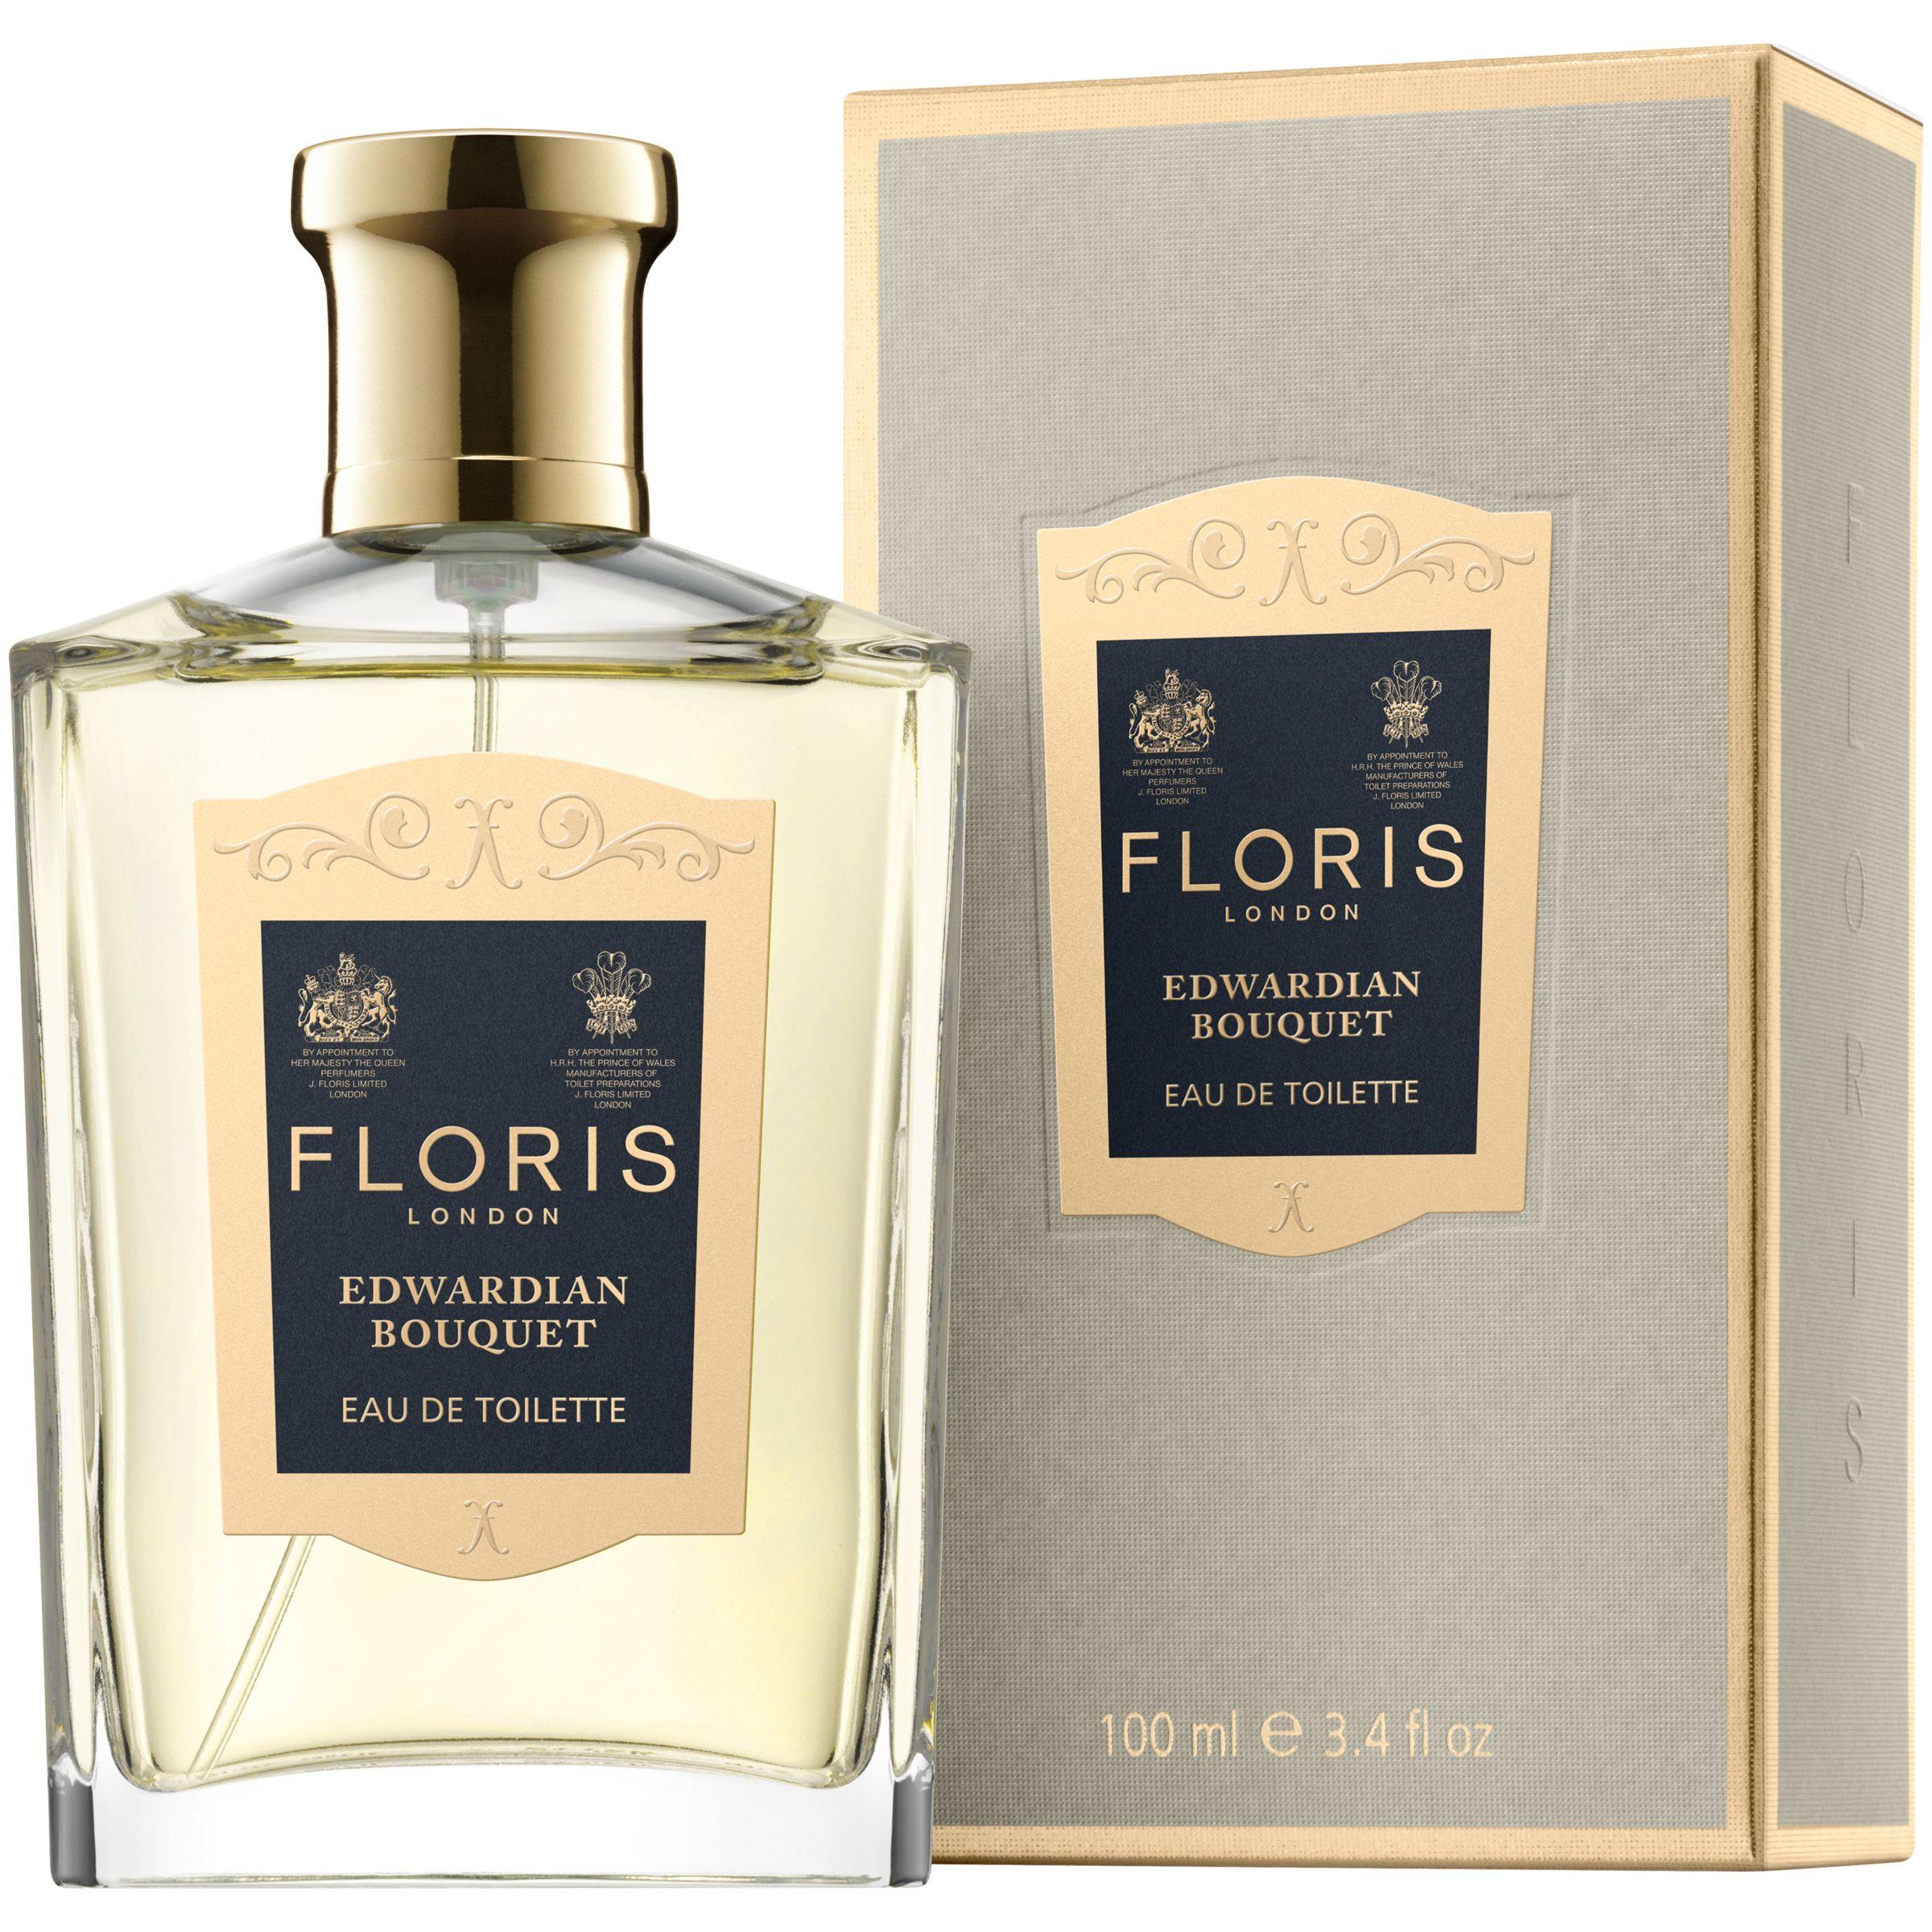 Floris Floris Edwardian Bouquet Eau de Toilette, 100ml